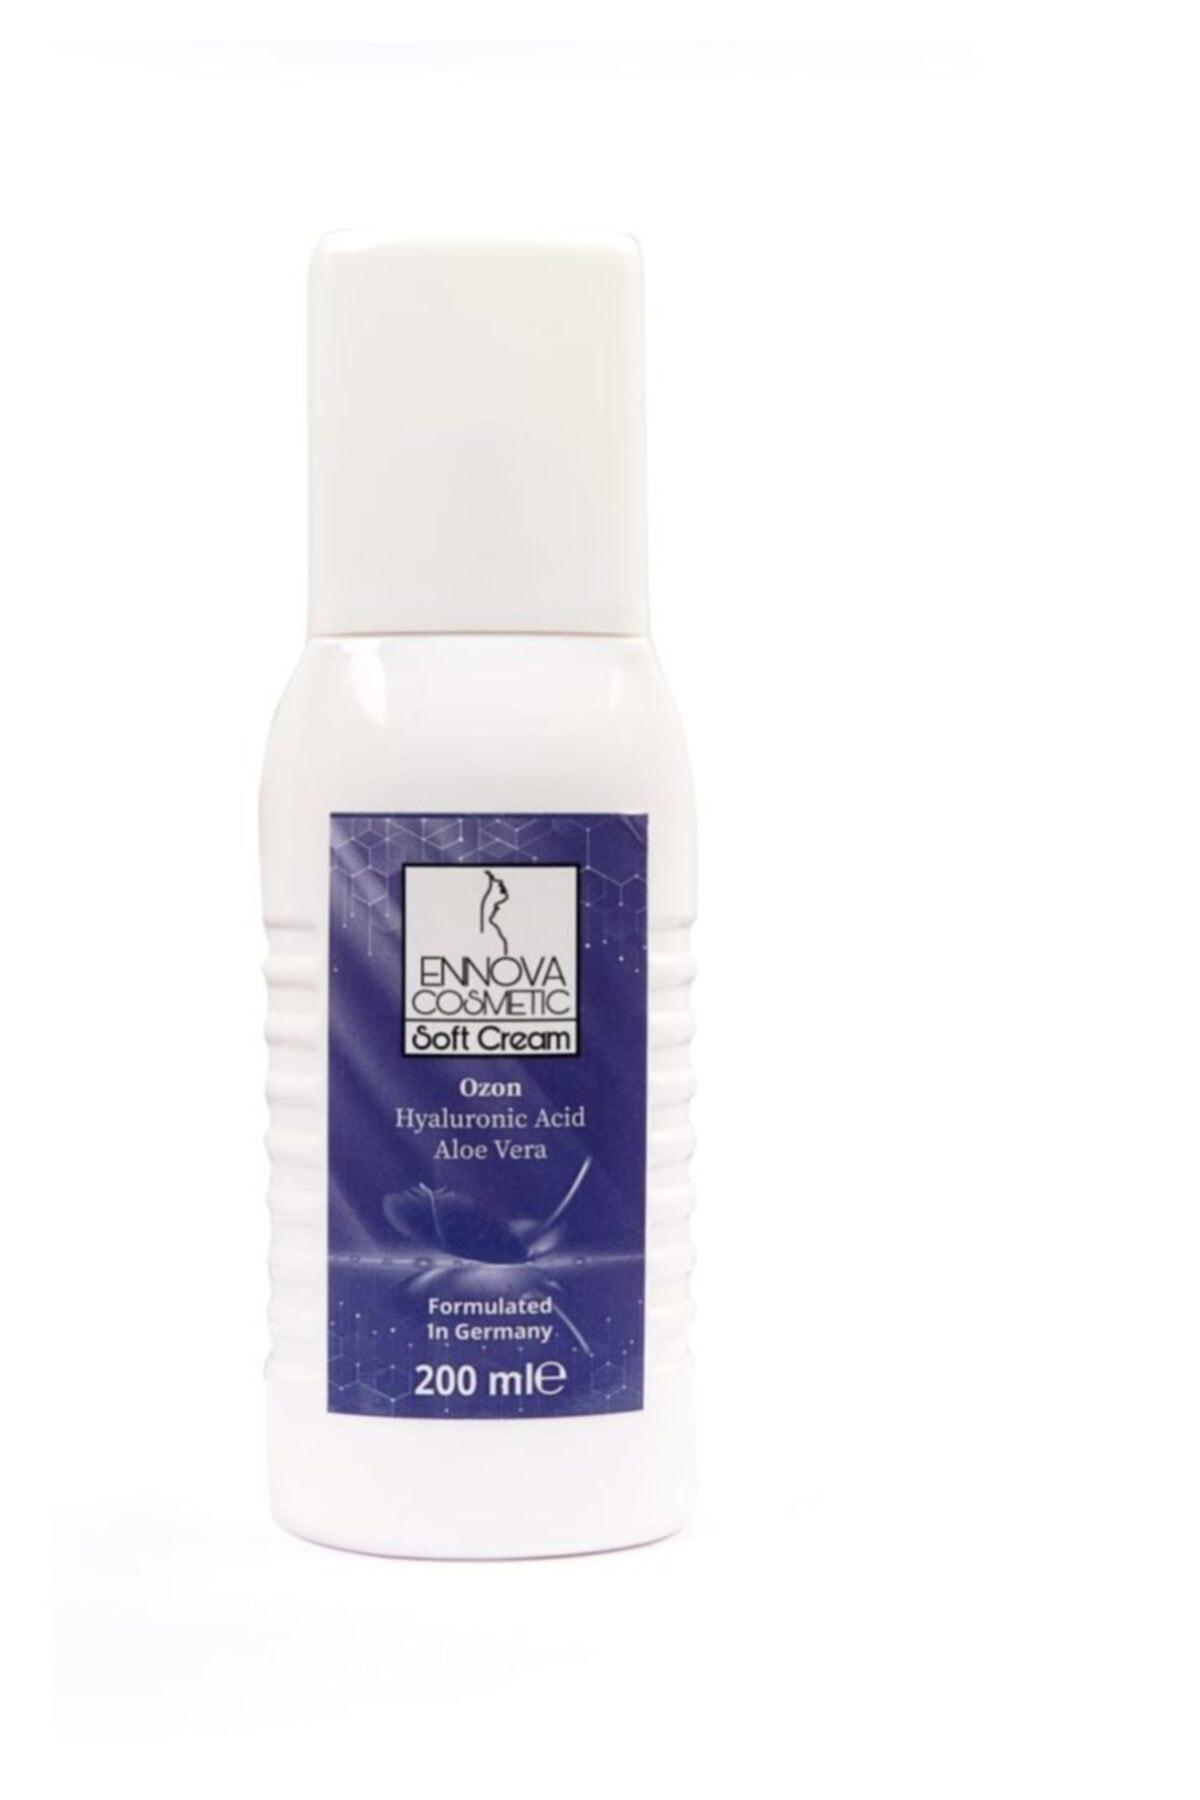 Ennova Cosmetic Ozon Hyaluronic Acid Aloe Vera Nemlendirici Krem 200 ml 1